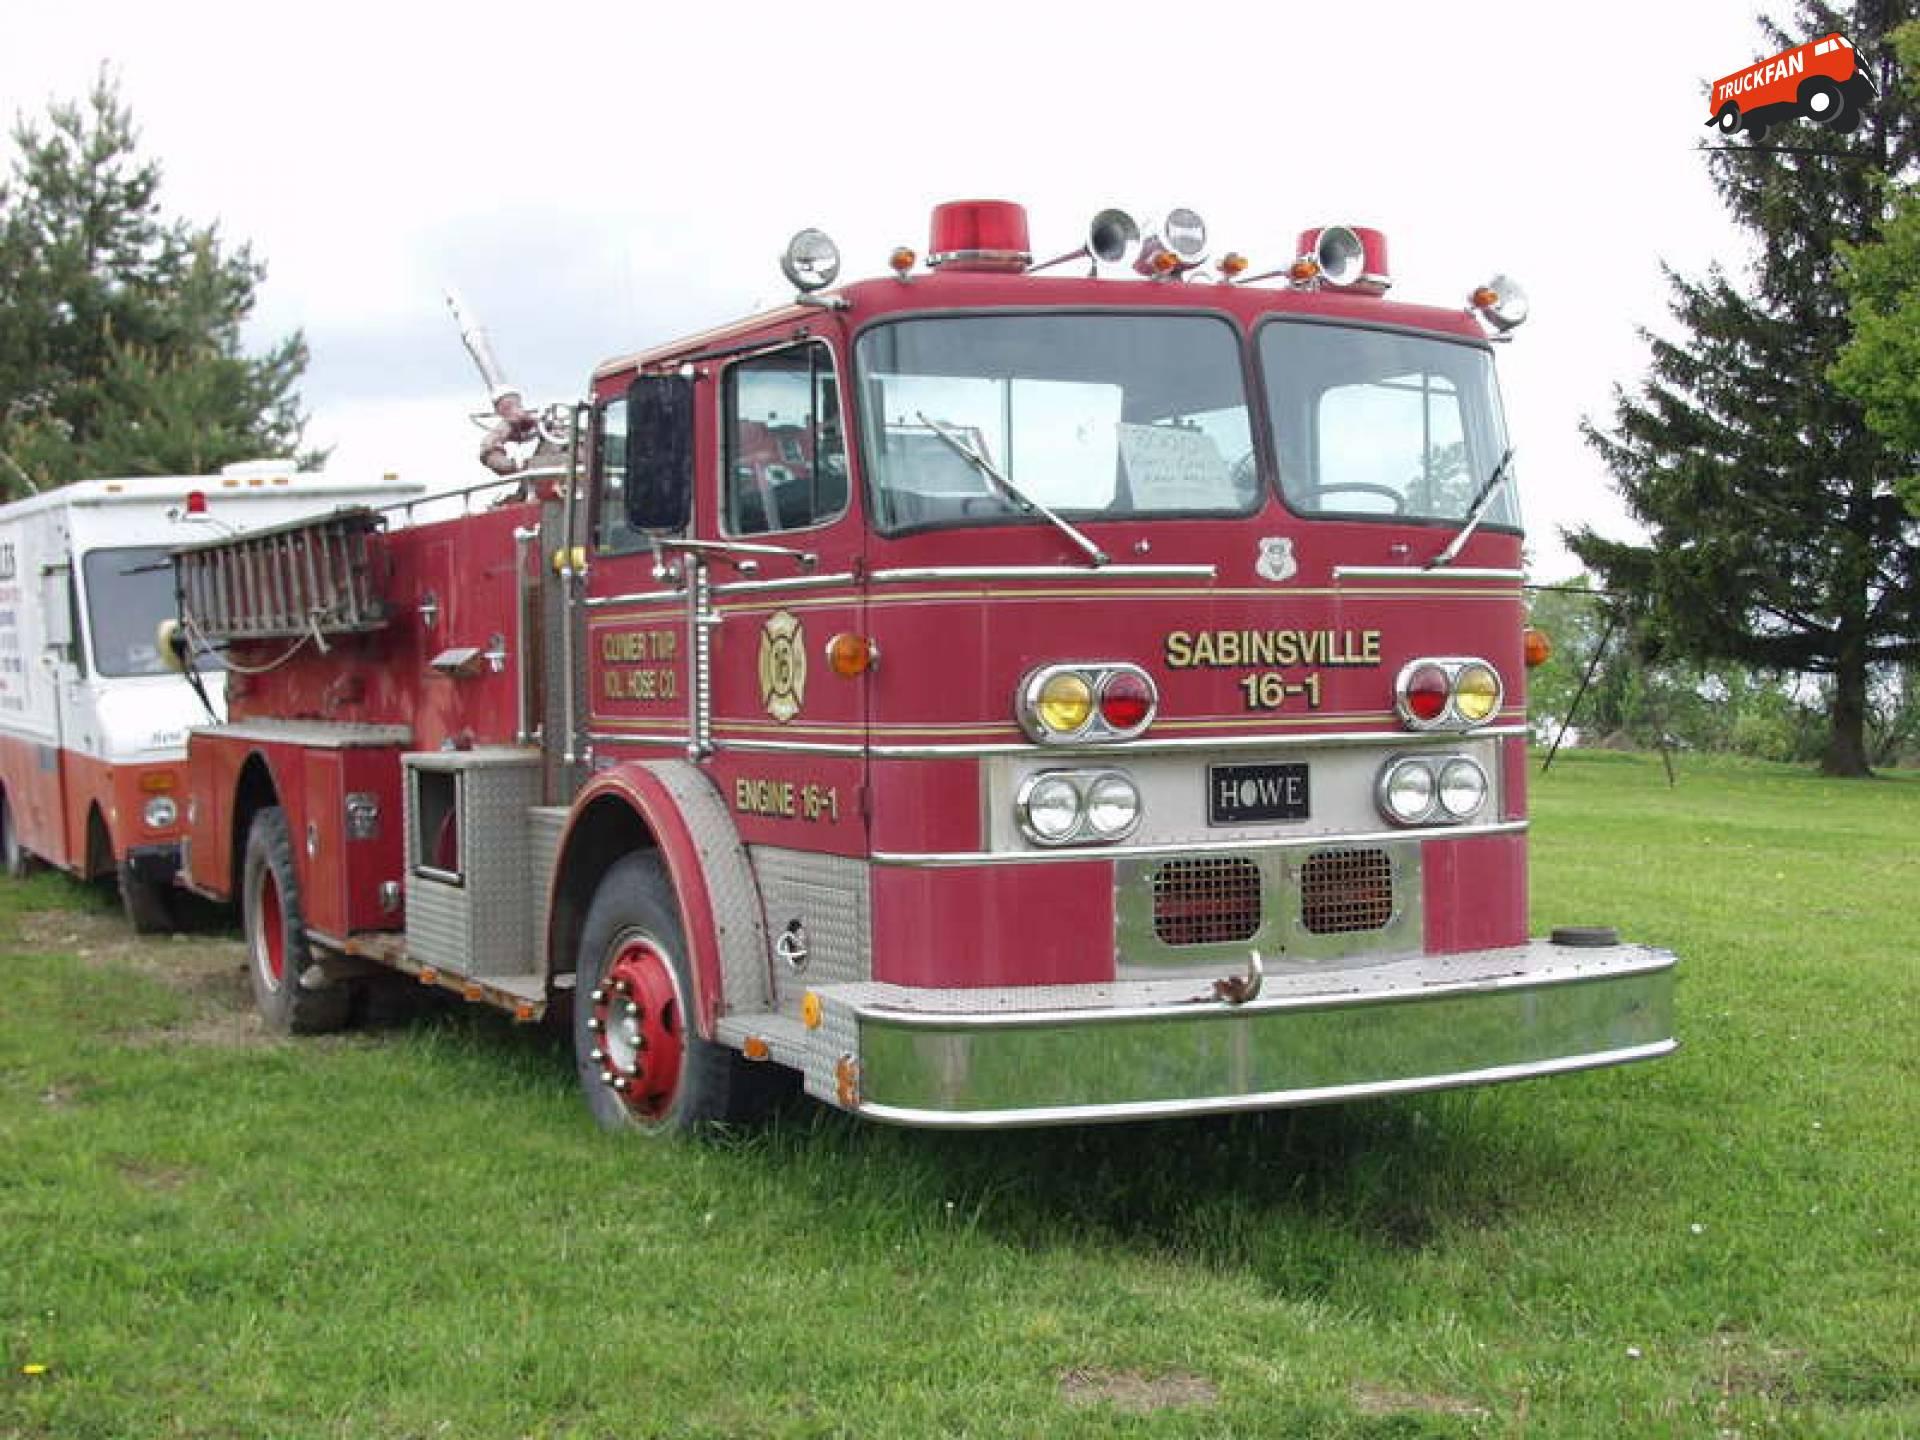 Howe brandweerwagen